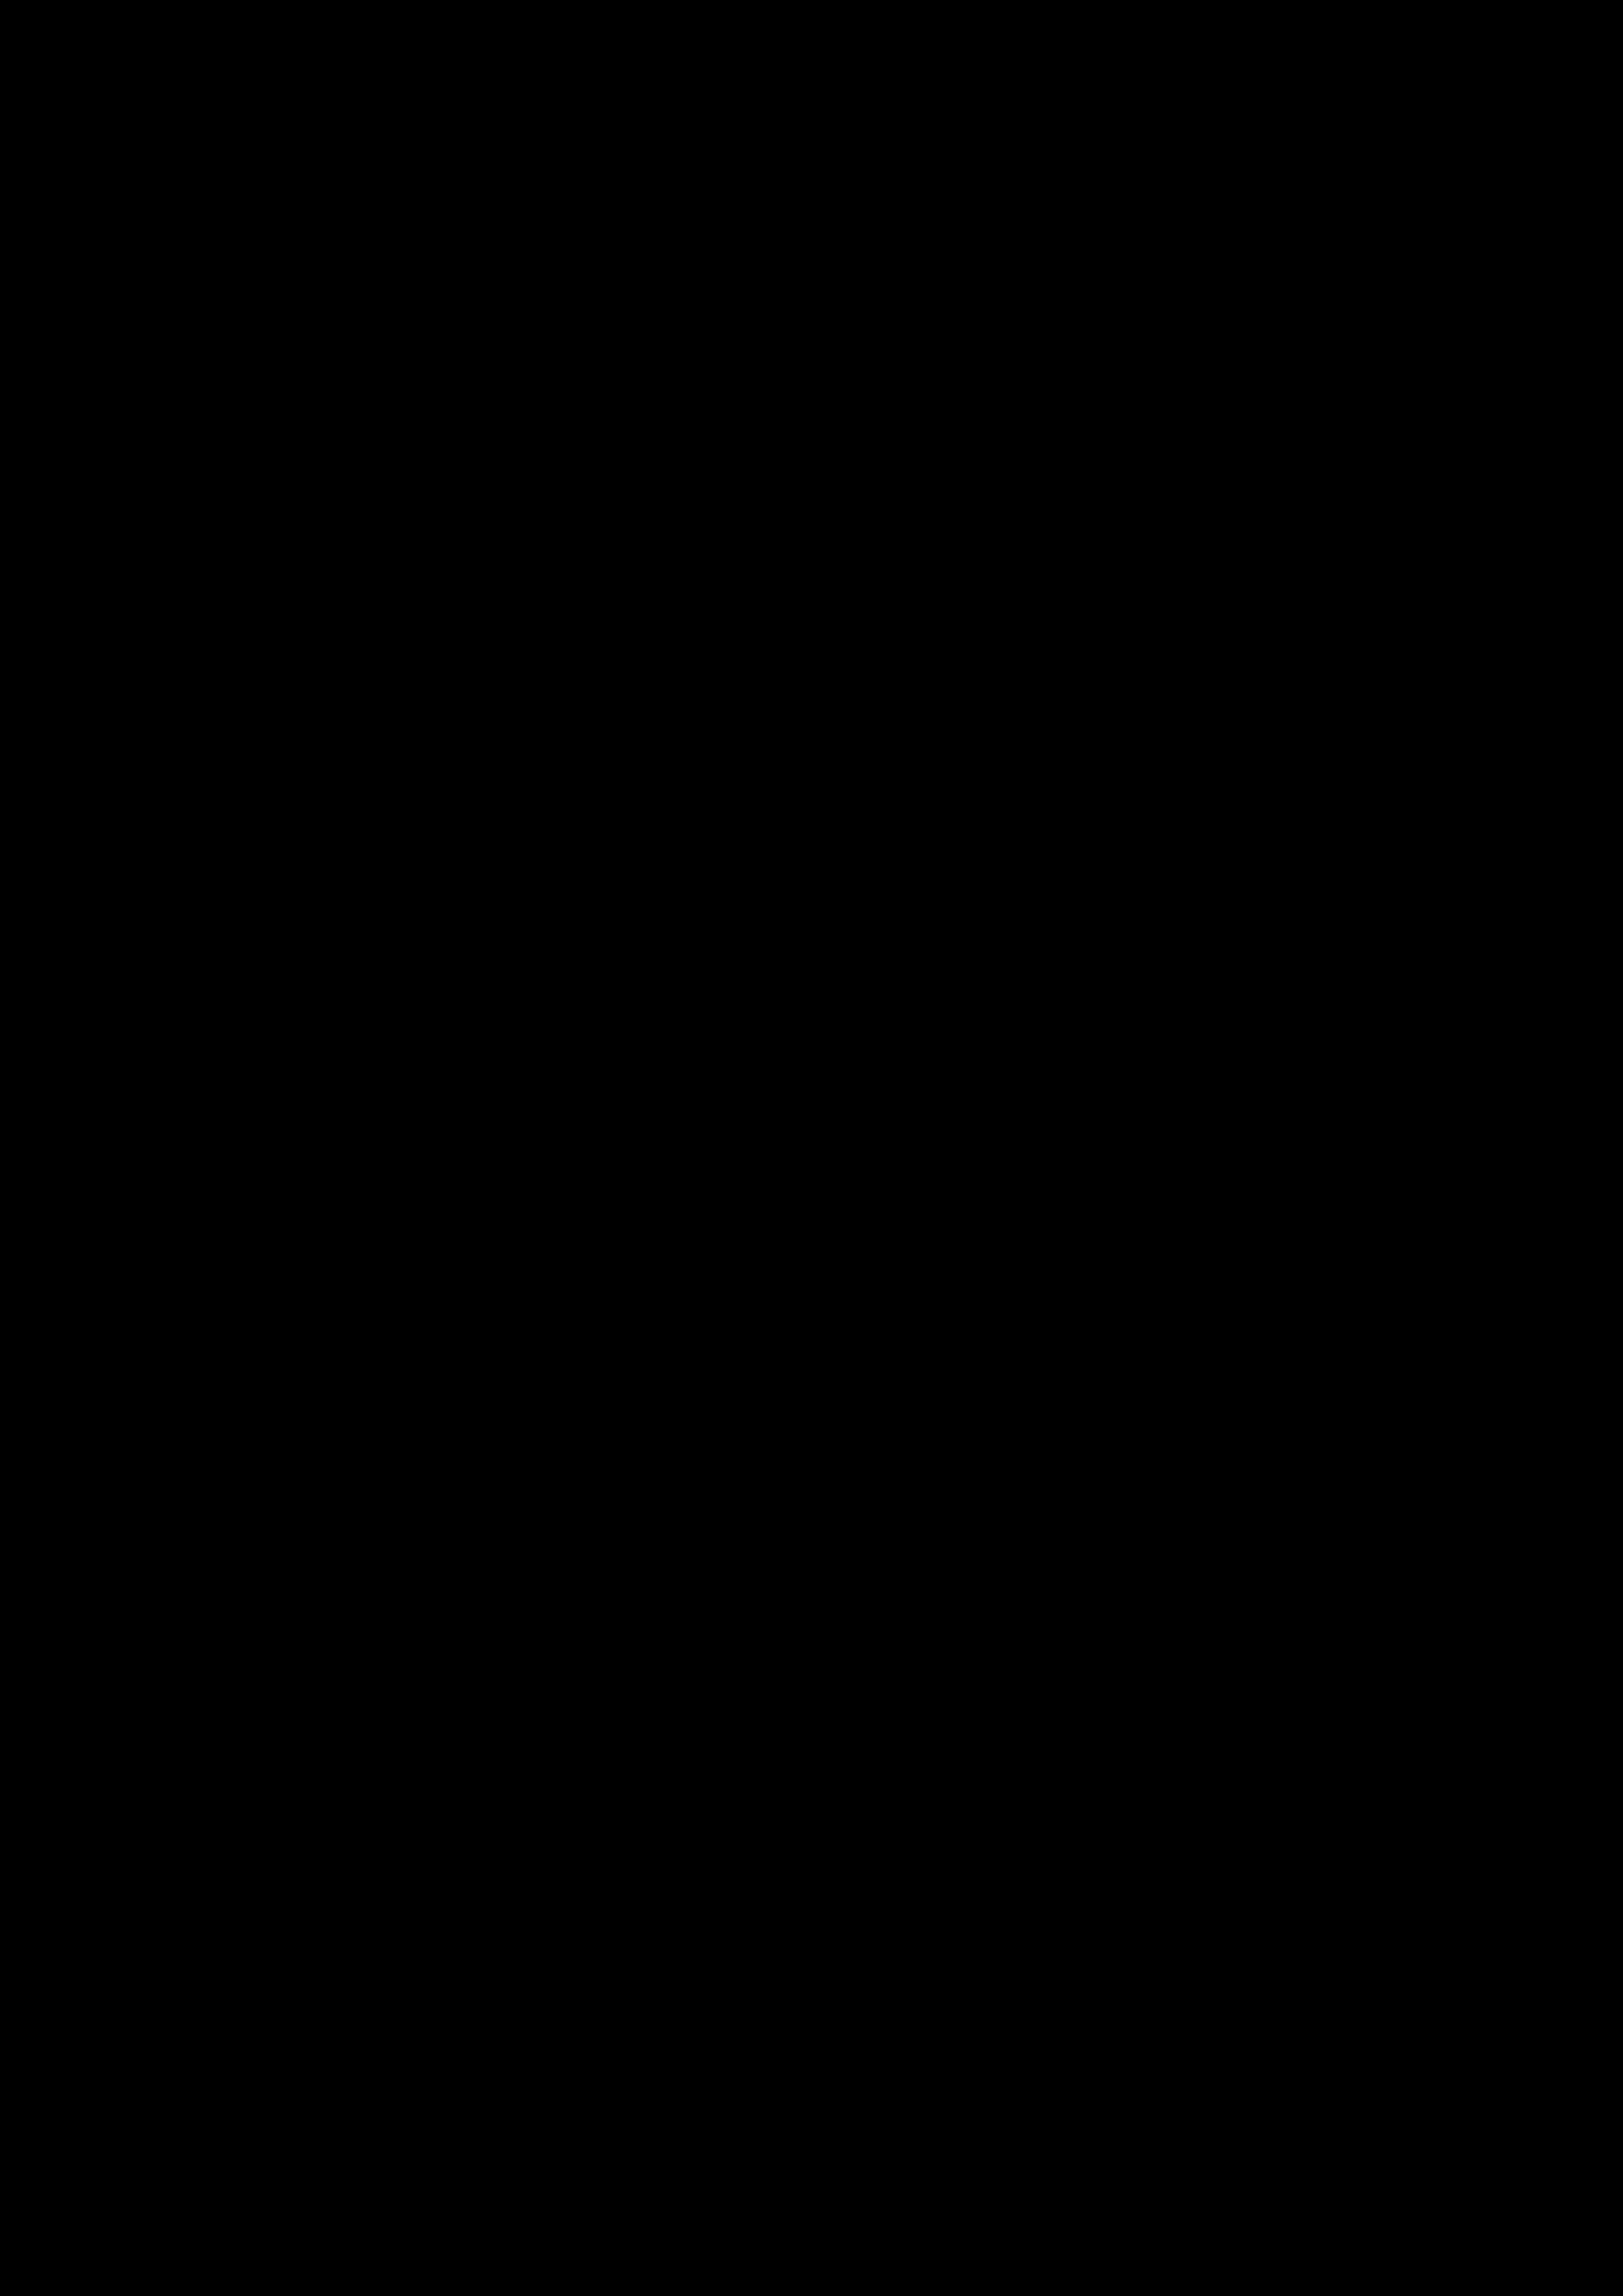 E_Kohler_Op_33_No_2_9-1